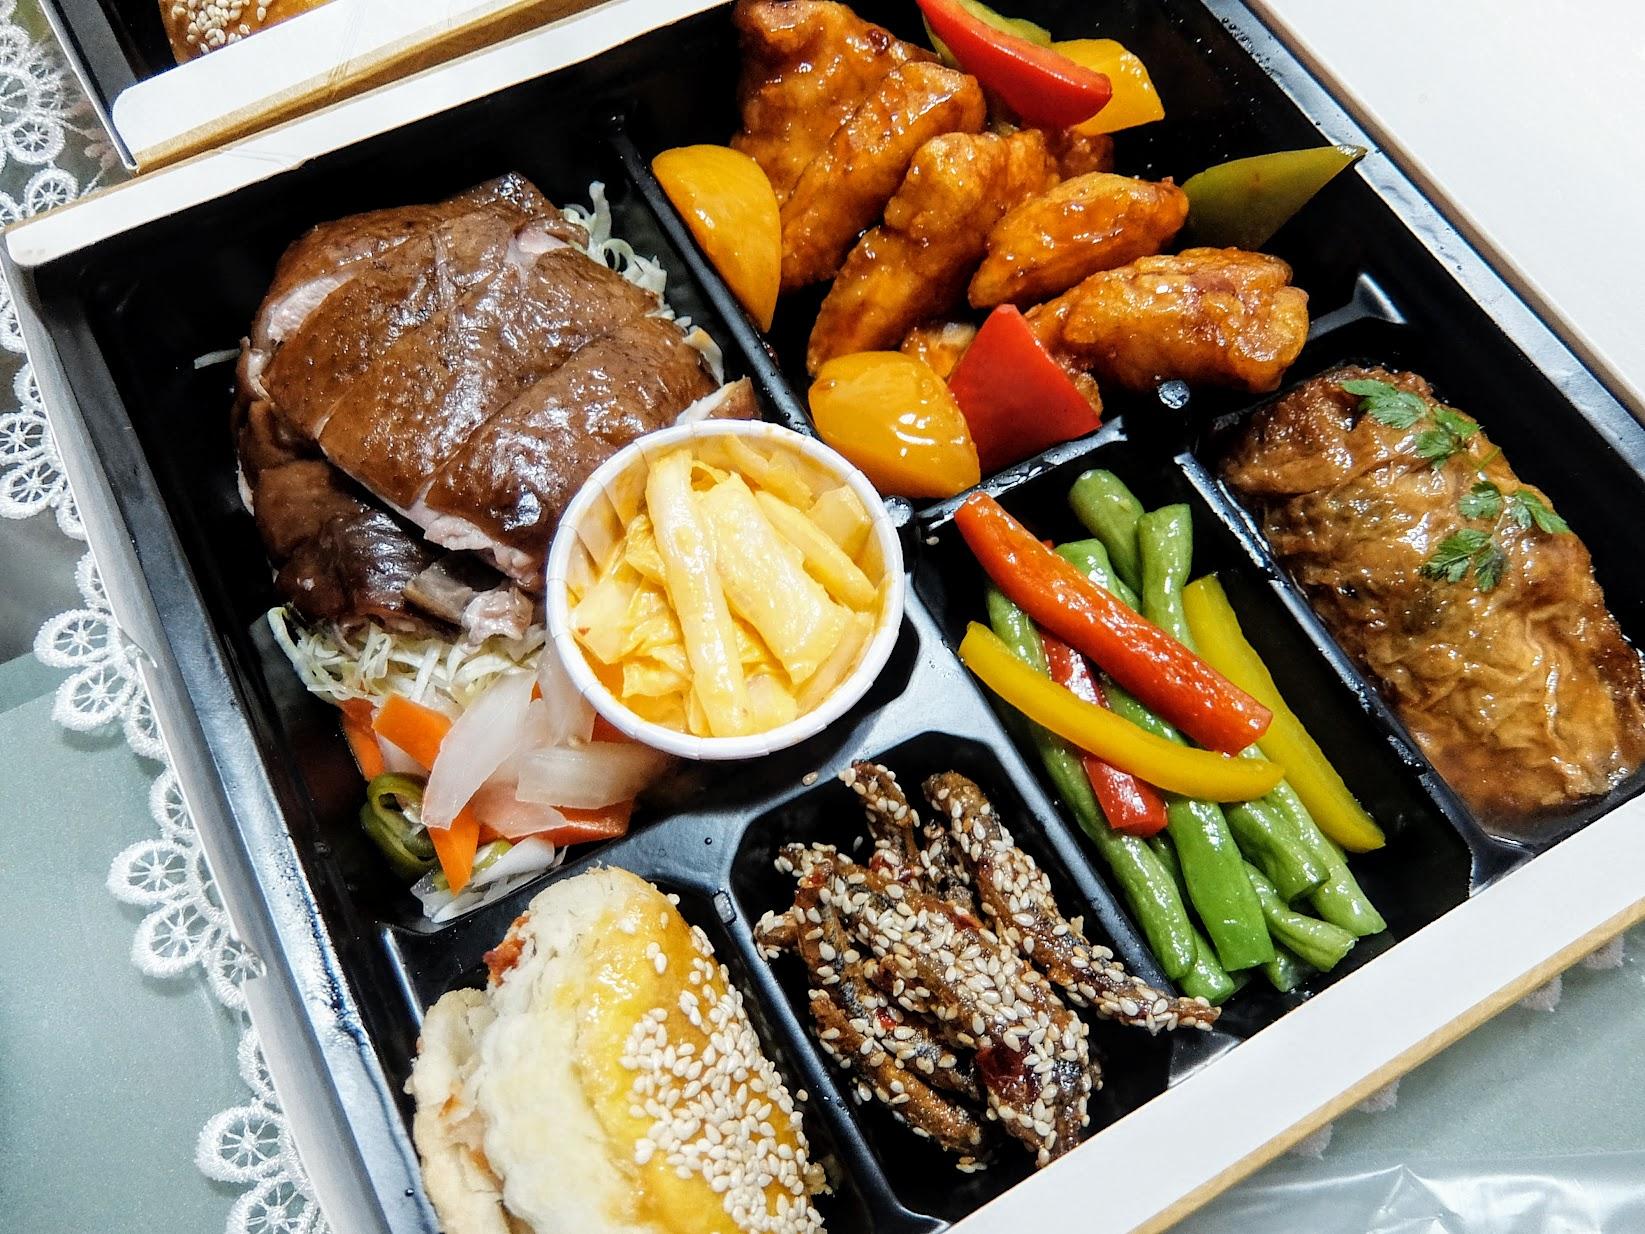 玫瑰鼓油雞&蜜桃糖醋魚,配菜中的黃金泡菜非常好吃!! 腐皮卷很大一卷,好像有魚漿混搭製作,外皮帶著一點湯汁